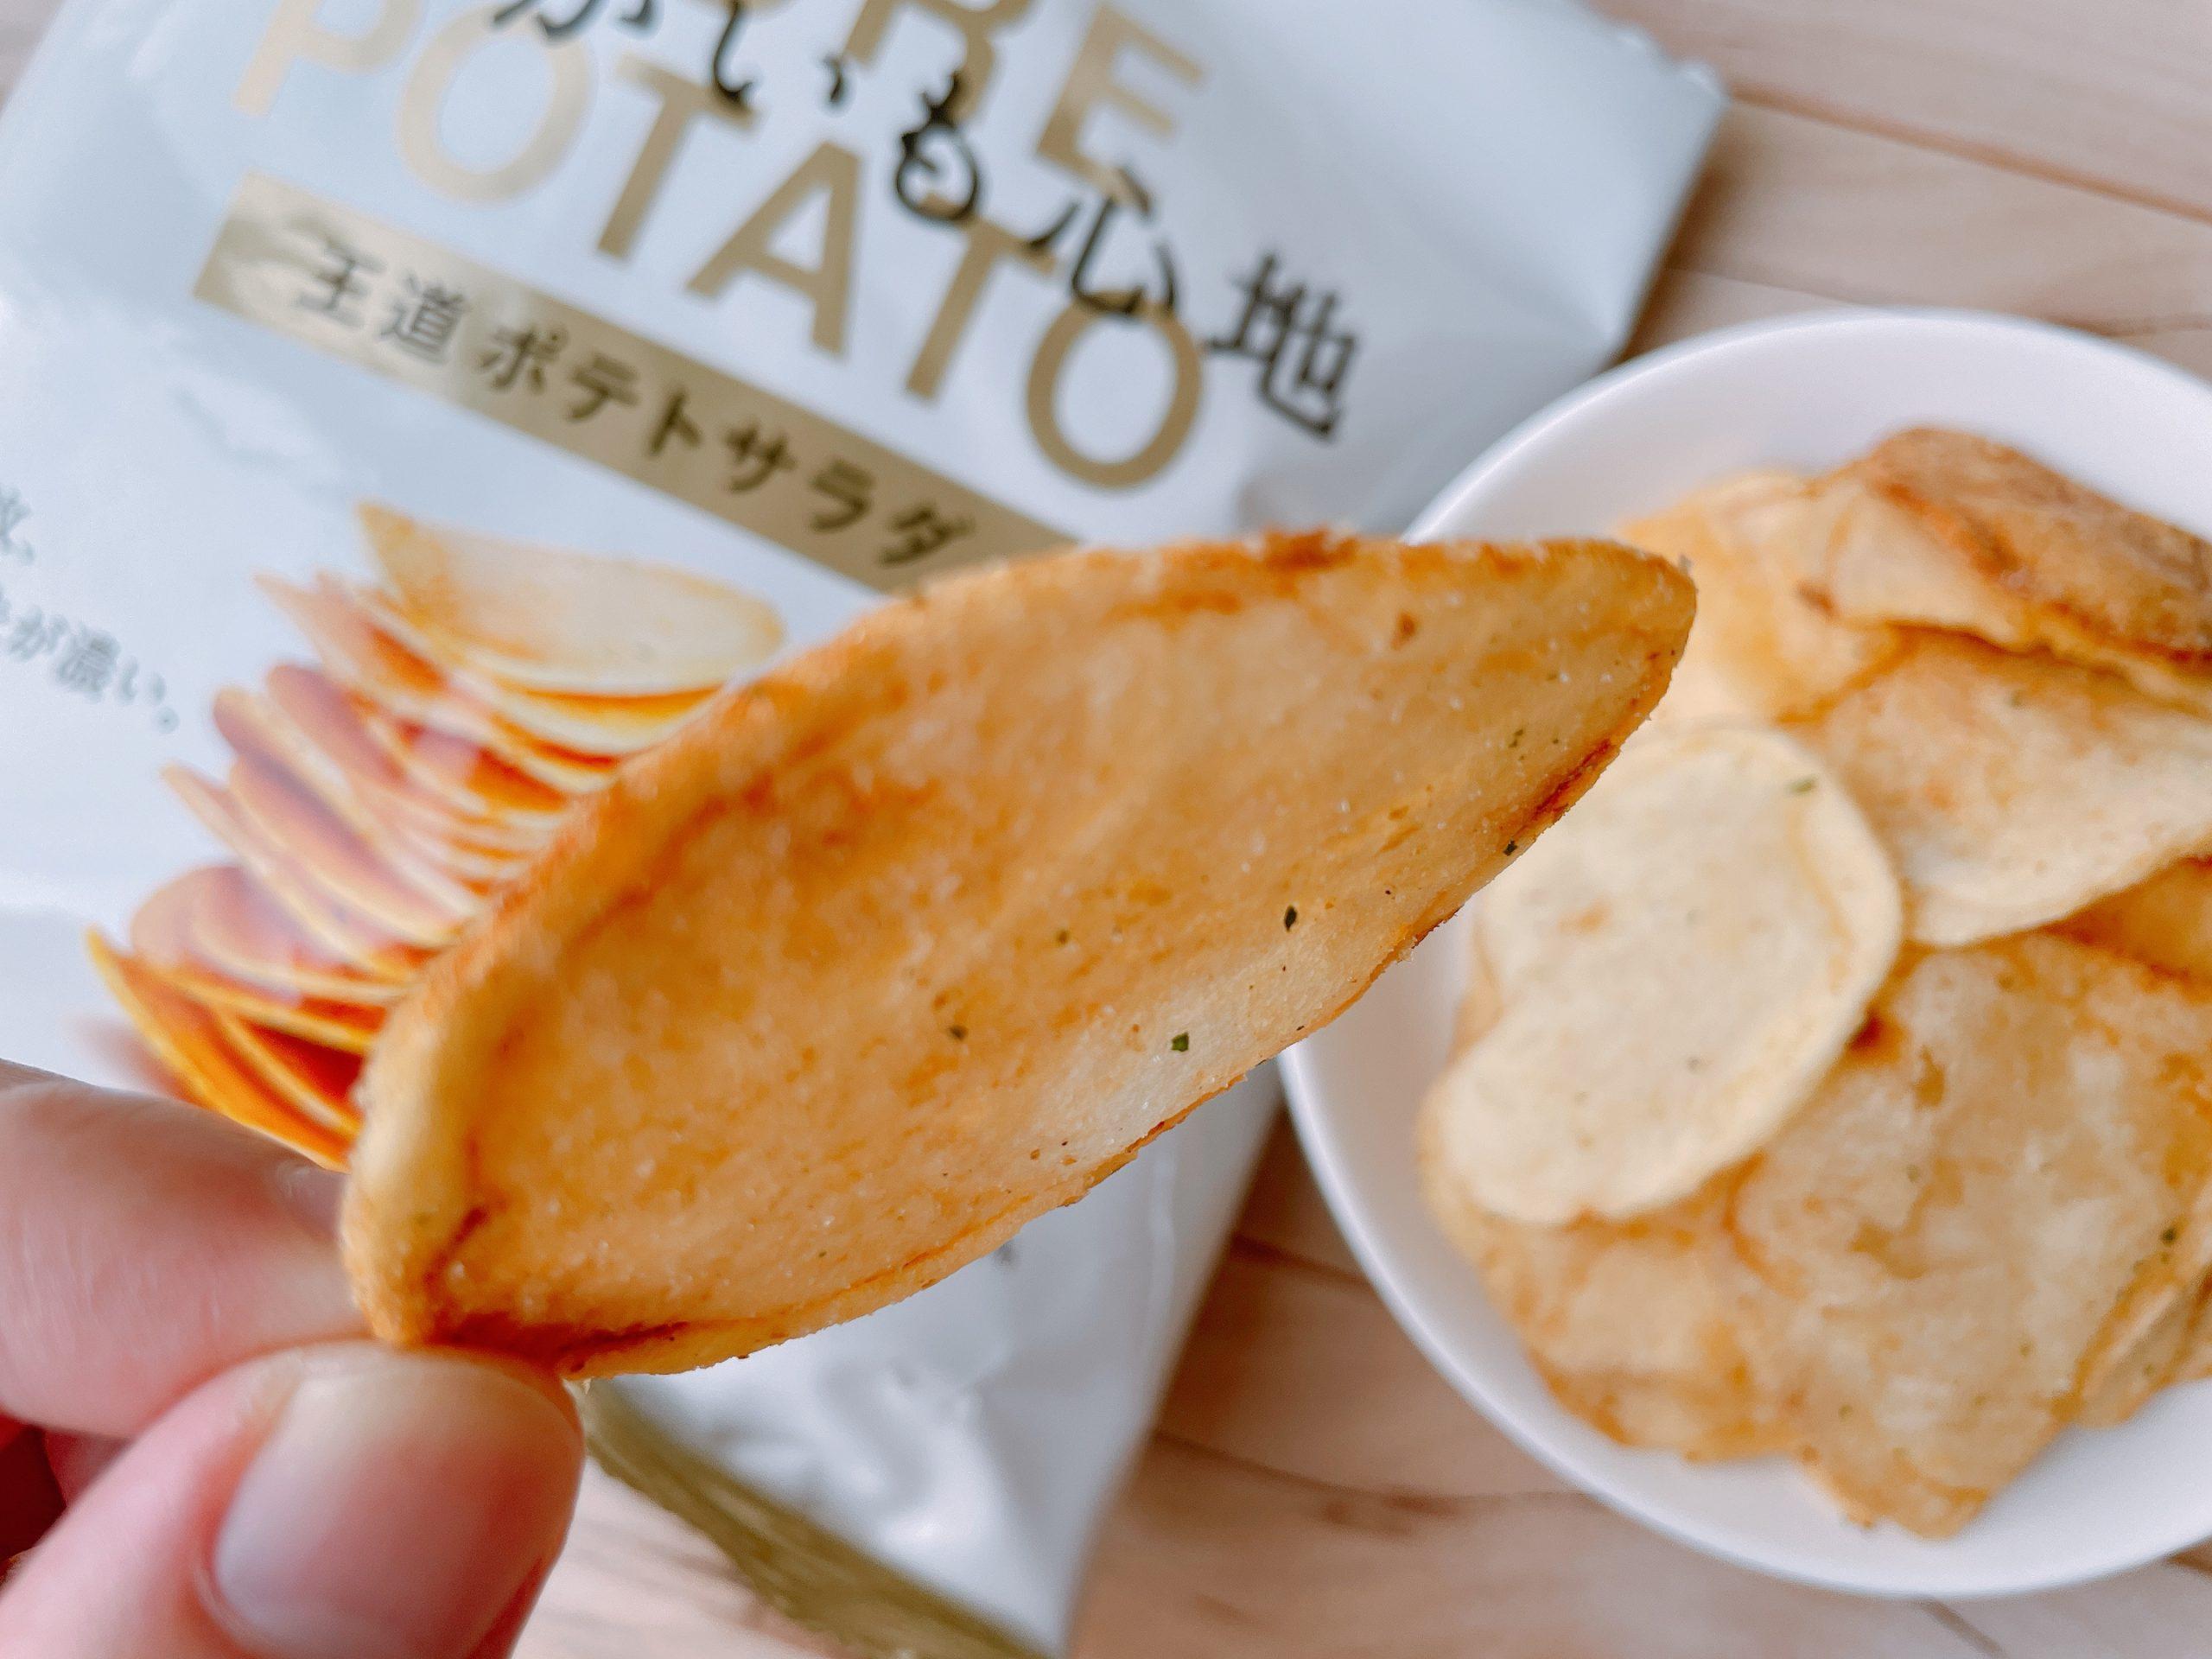 じゃがいも心地<王道ポテトサラダ>は、食べ終わったあとからポテサラっぽくなる